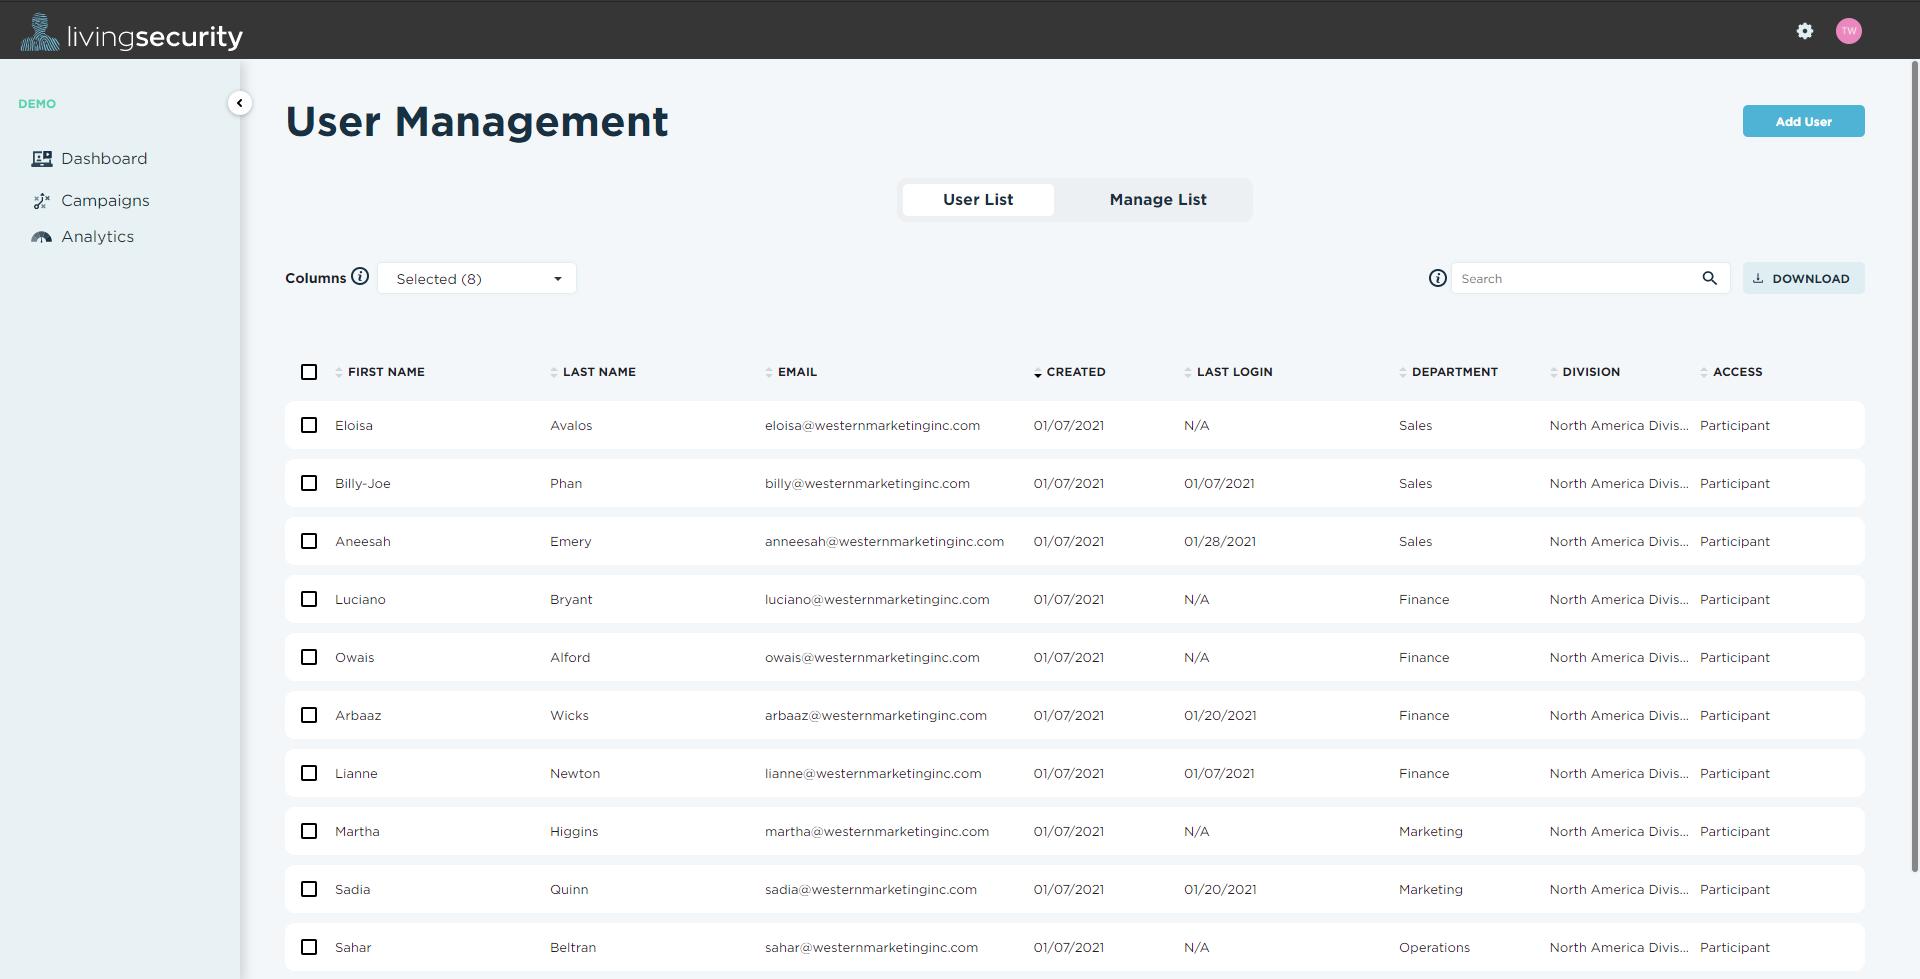 User Management screenshot